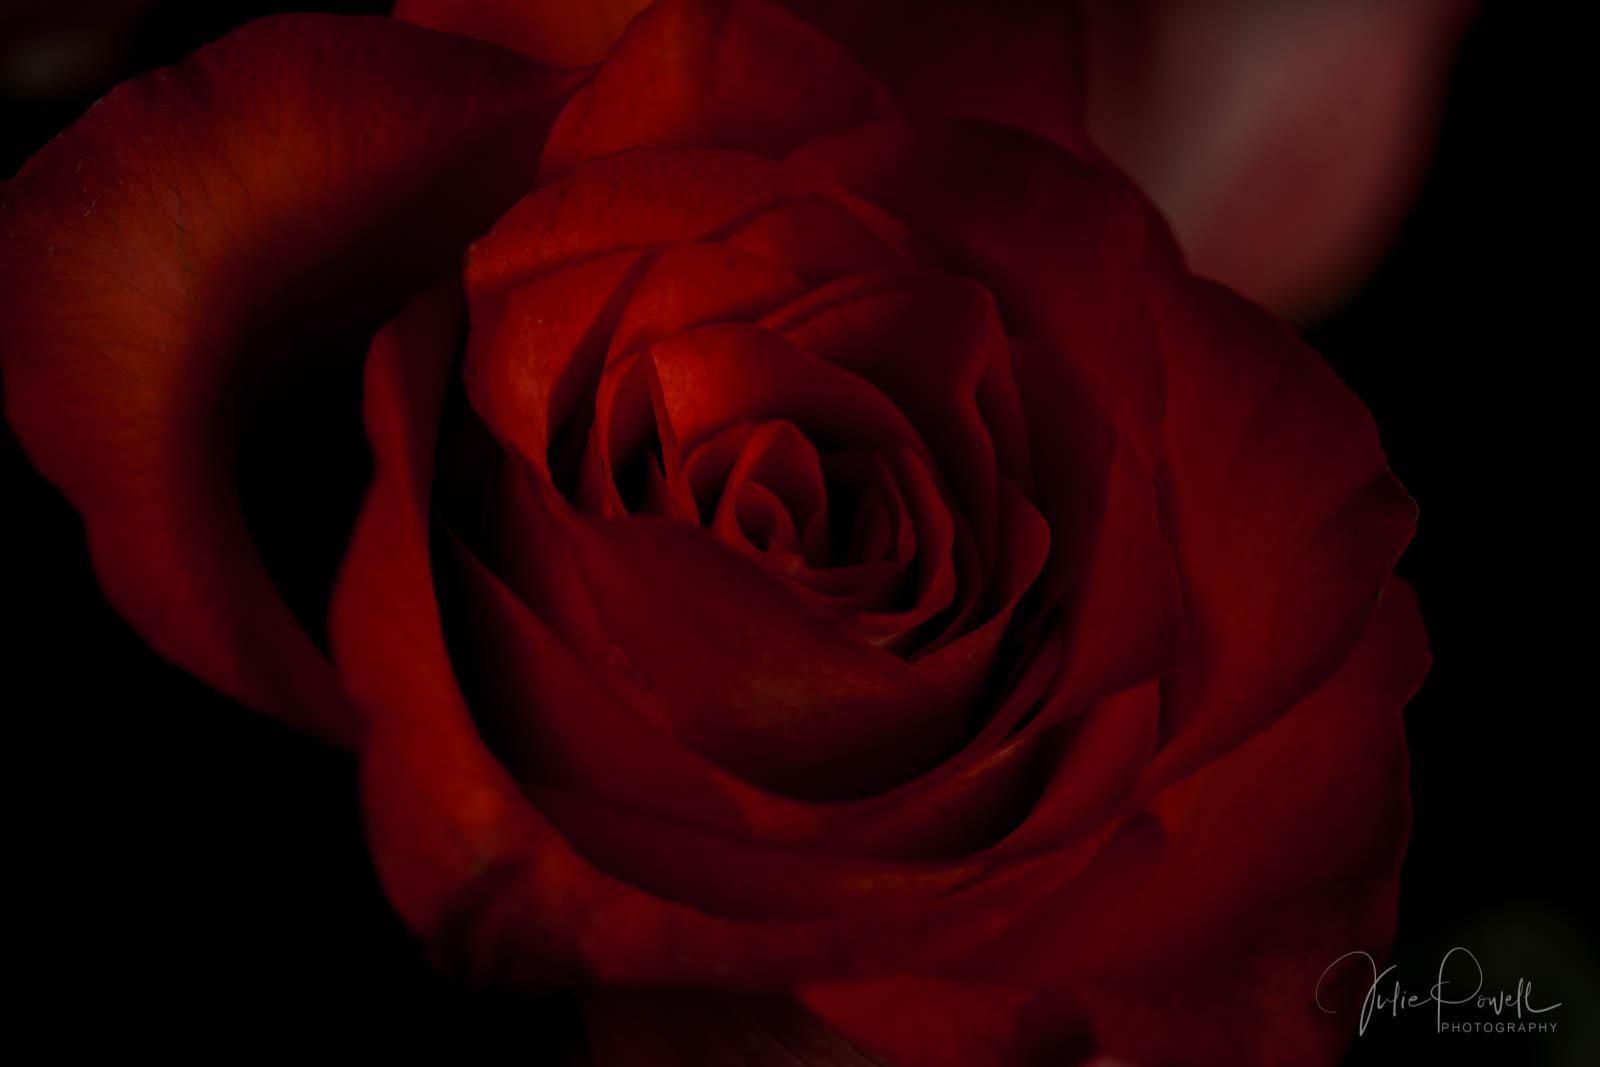 Julie Powell_MD Flowers-3.jpg